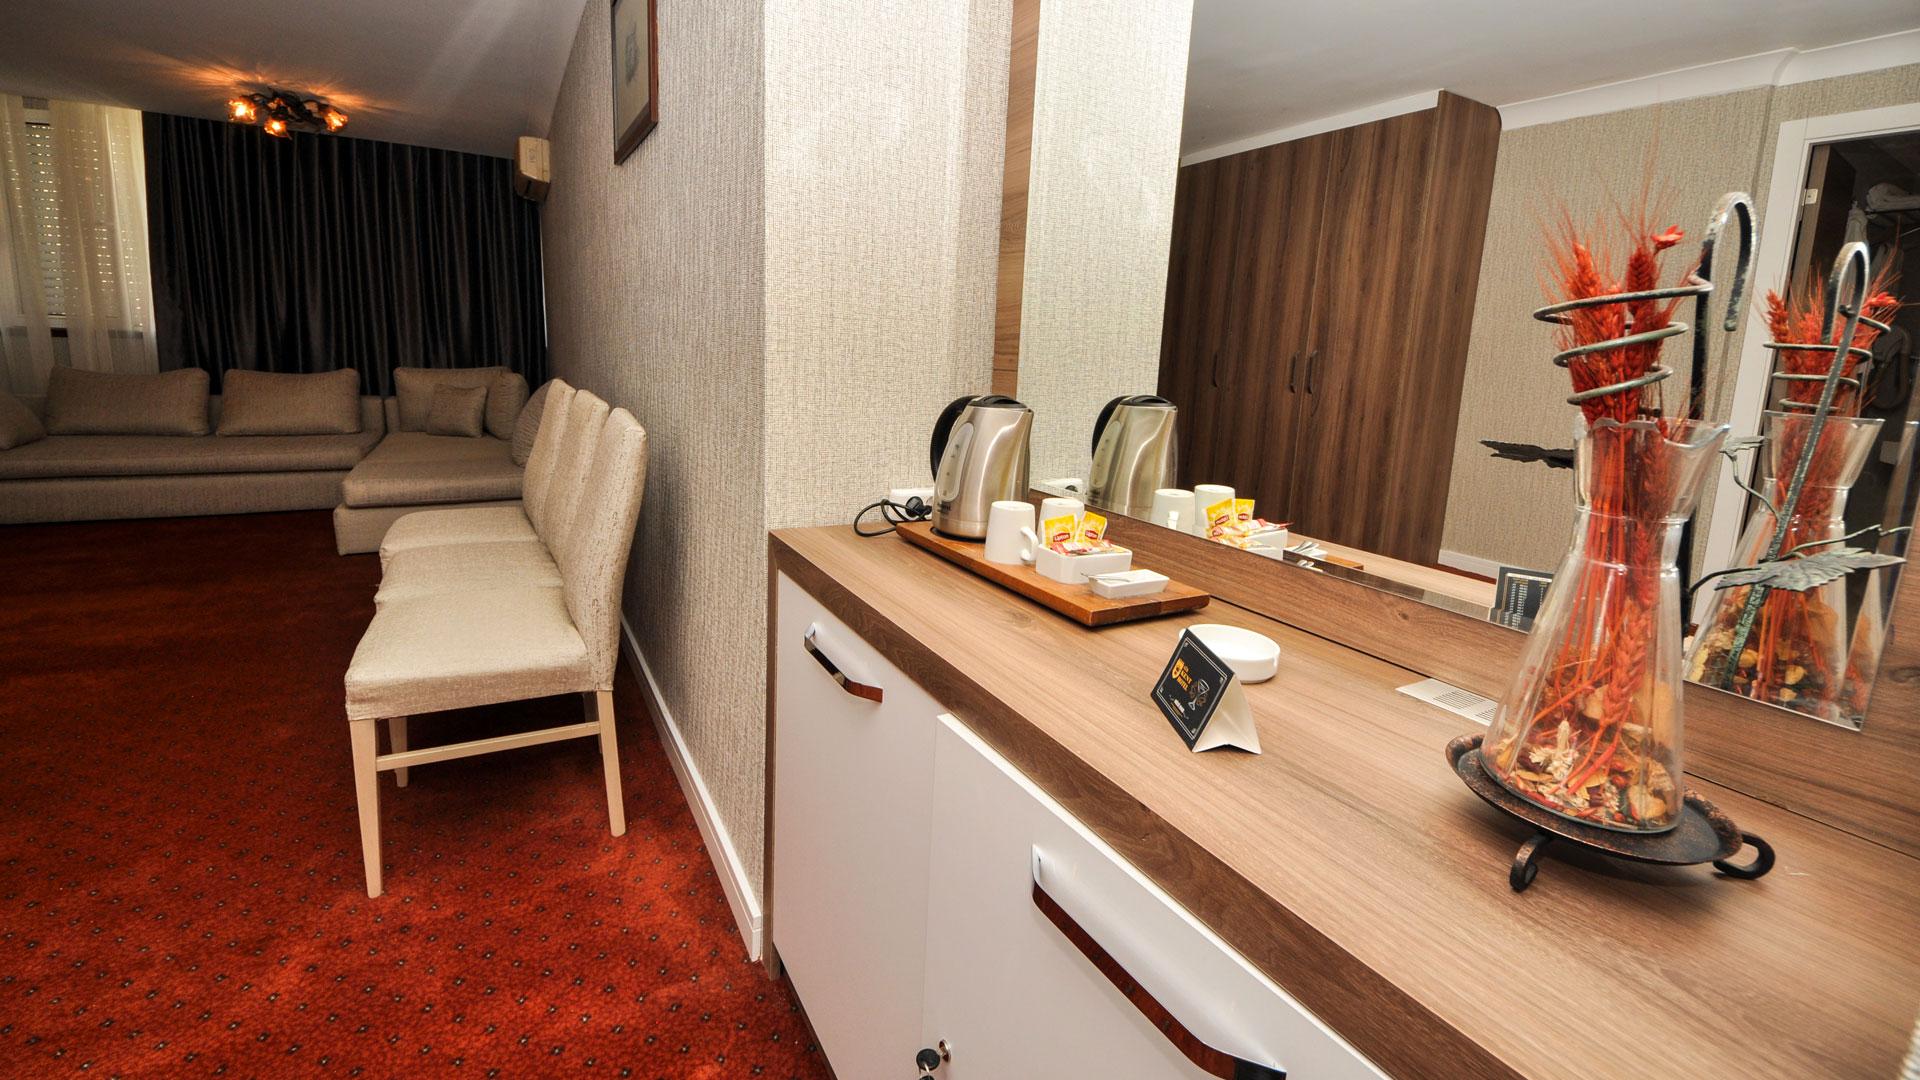 http://en.gurkenthotel.com/wp-content/uploads/executive-6.jpg